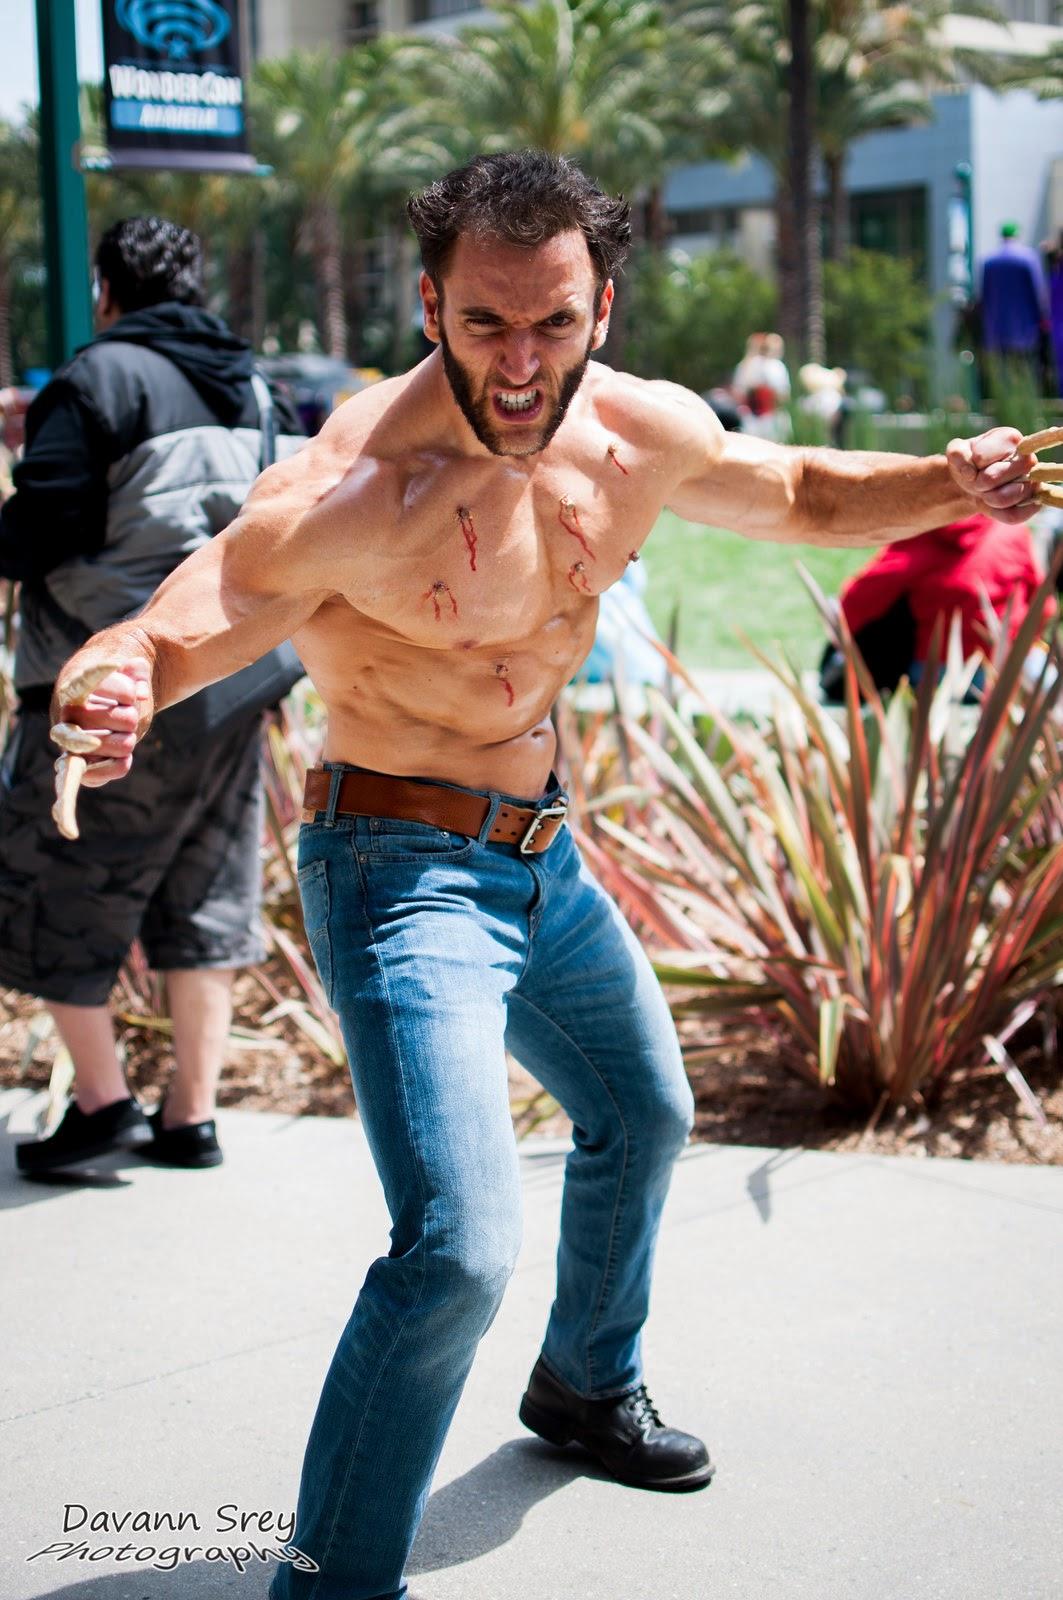 photo de cosplay de la wondercon 2014 de wolverine griffes os et impact de balles sur son torse nu musclé